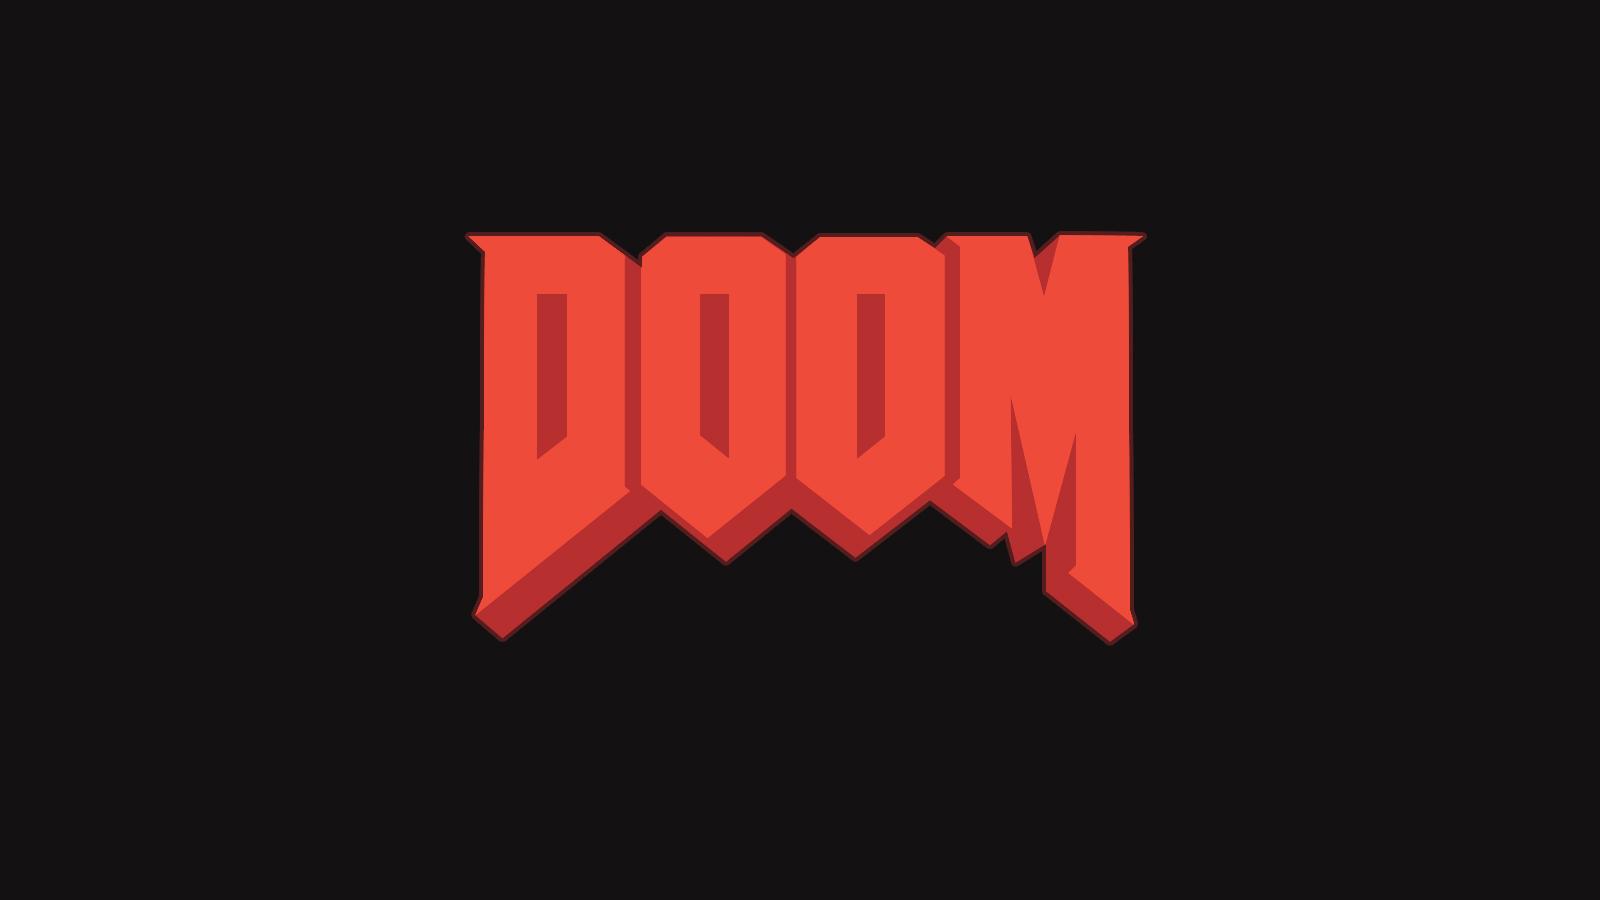 50 Hd Doom Wallpapers For Desktop 2019 Topxbestlist